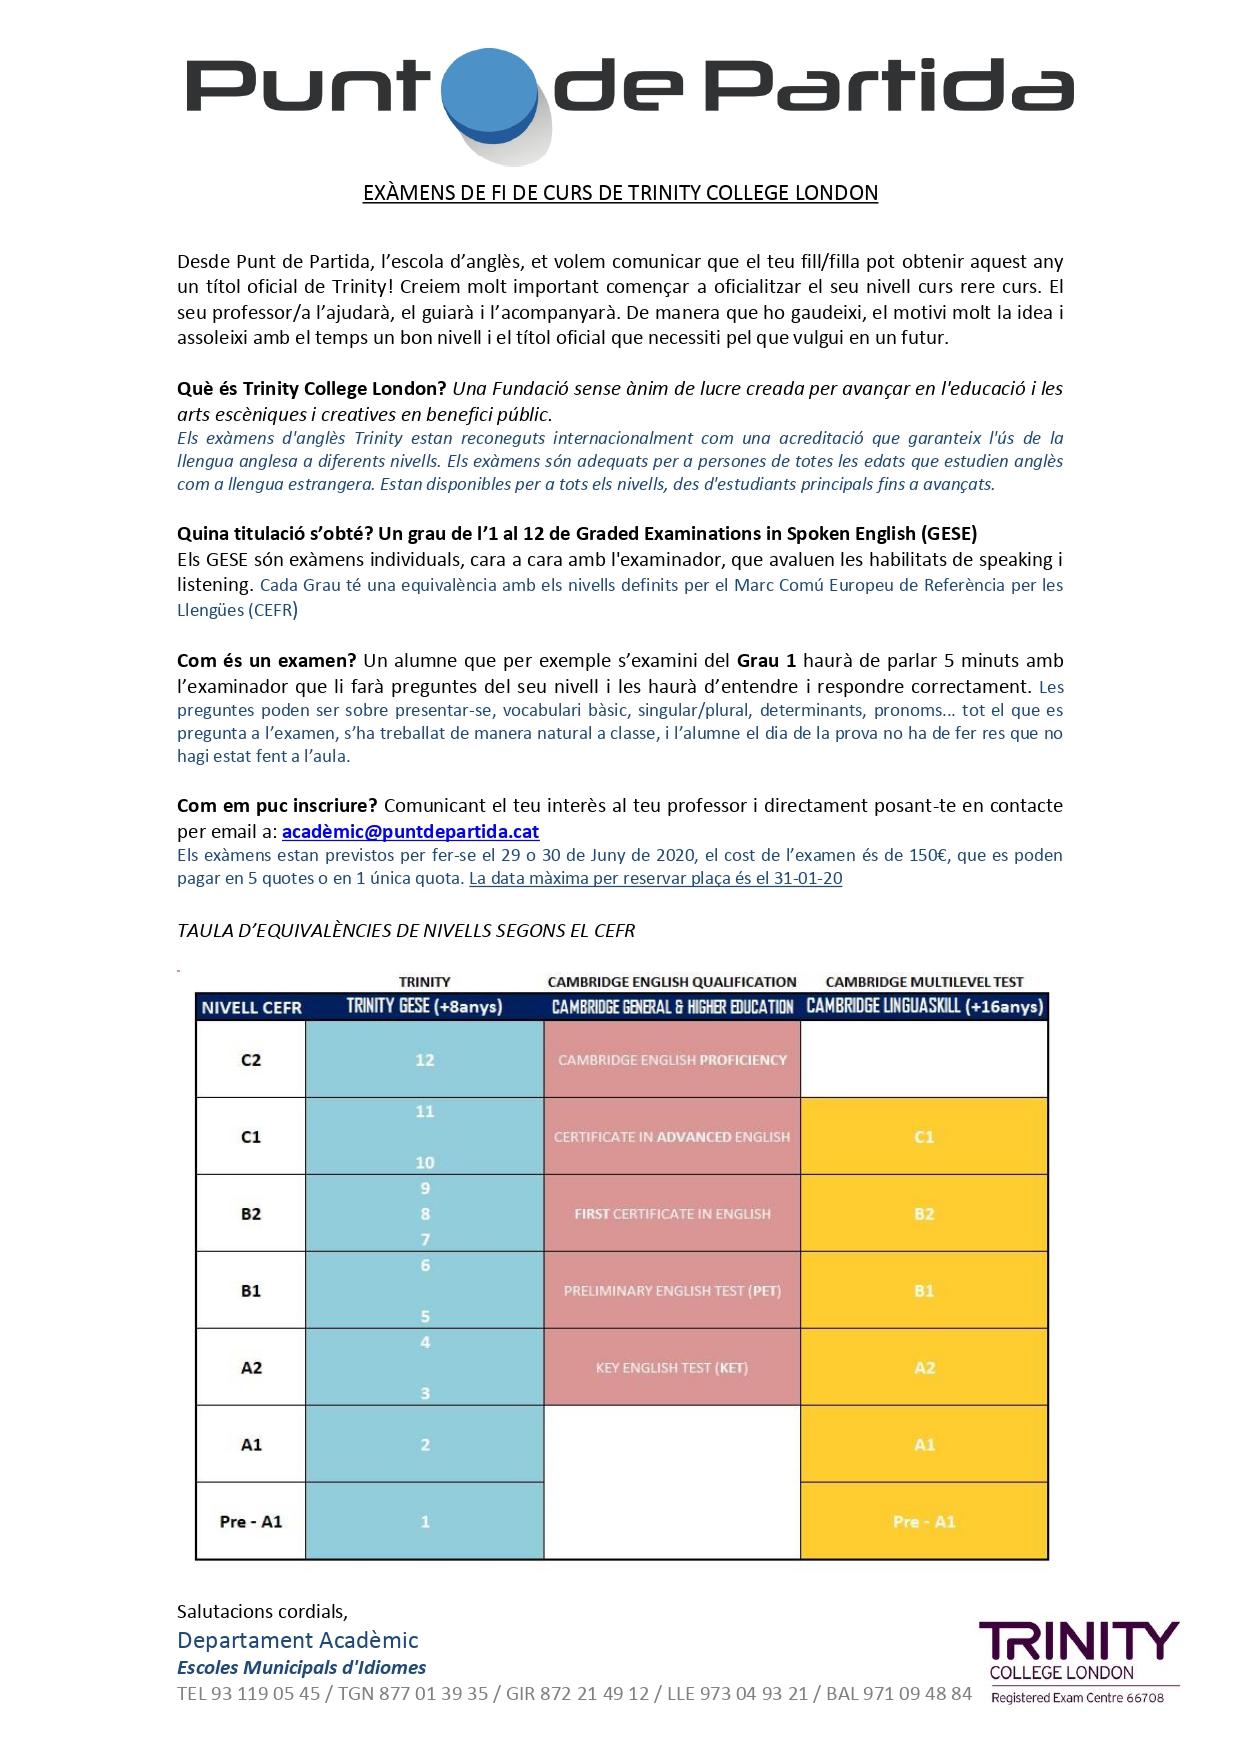 Escola d'idiomes municipal: informació sobre els exàmens de fi de curs de Trinity College London i de Cambridge (Linguaskill)